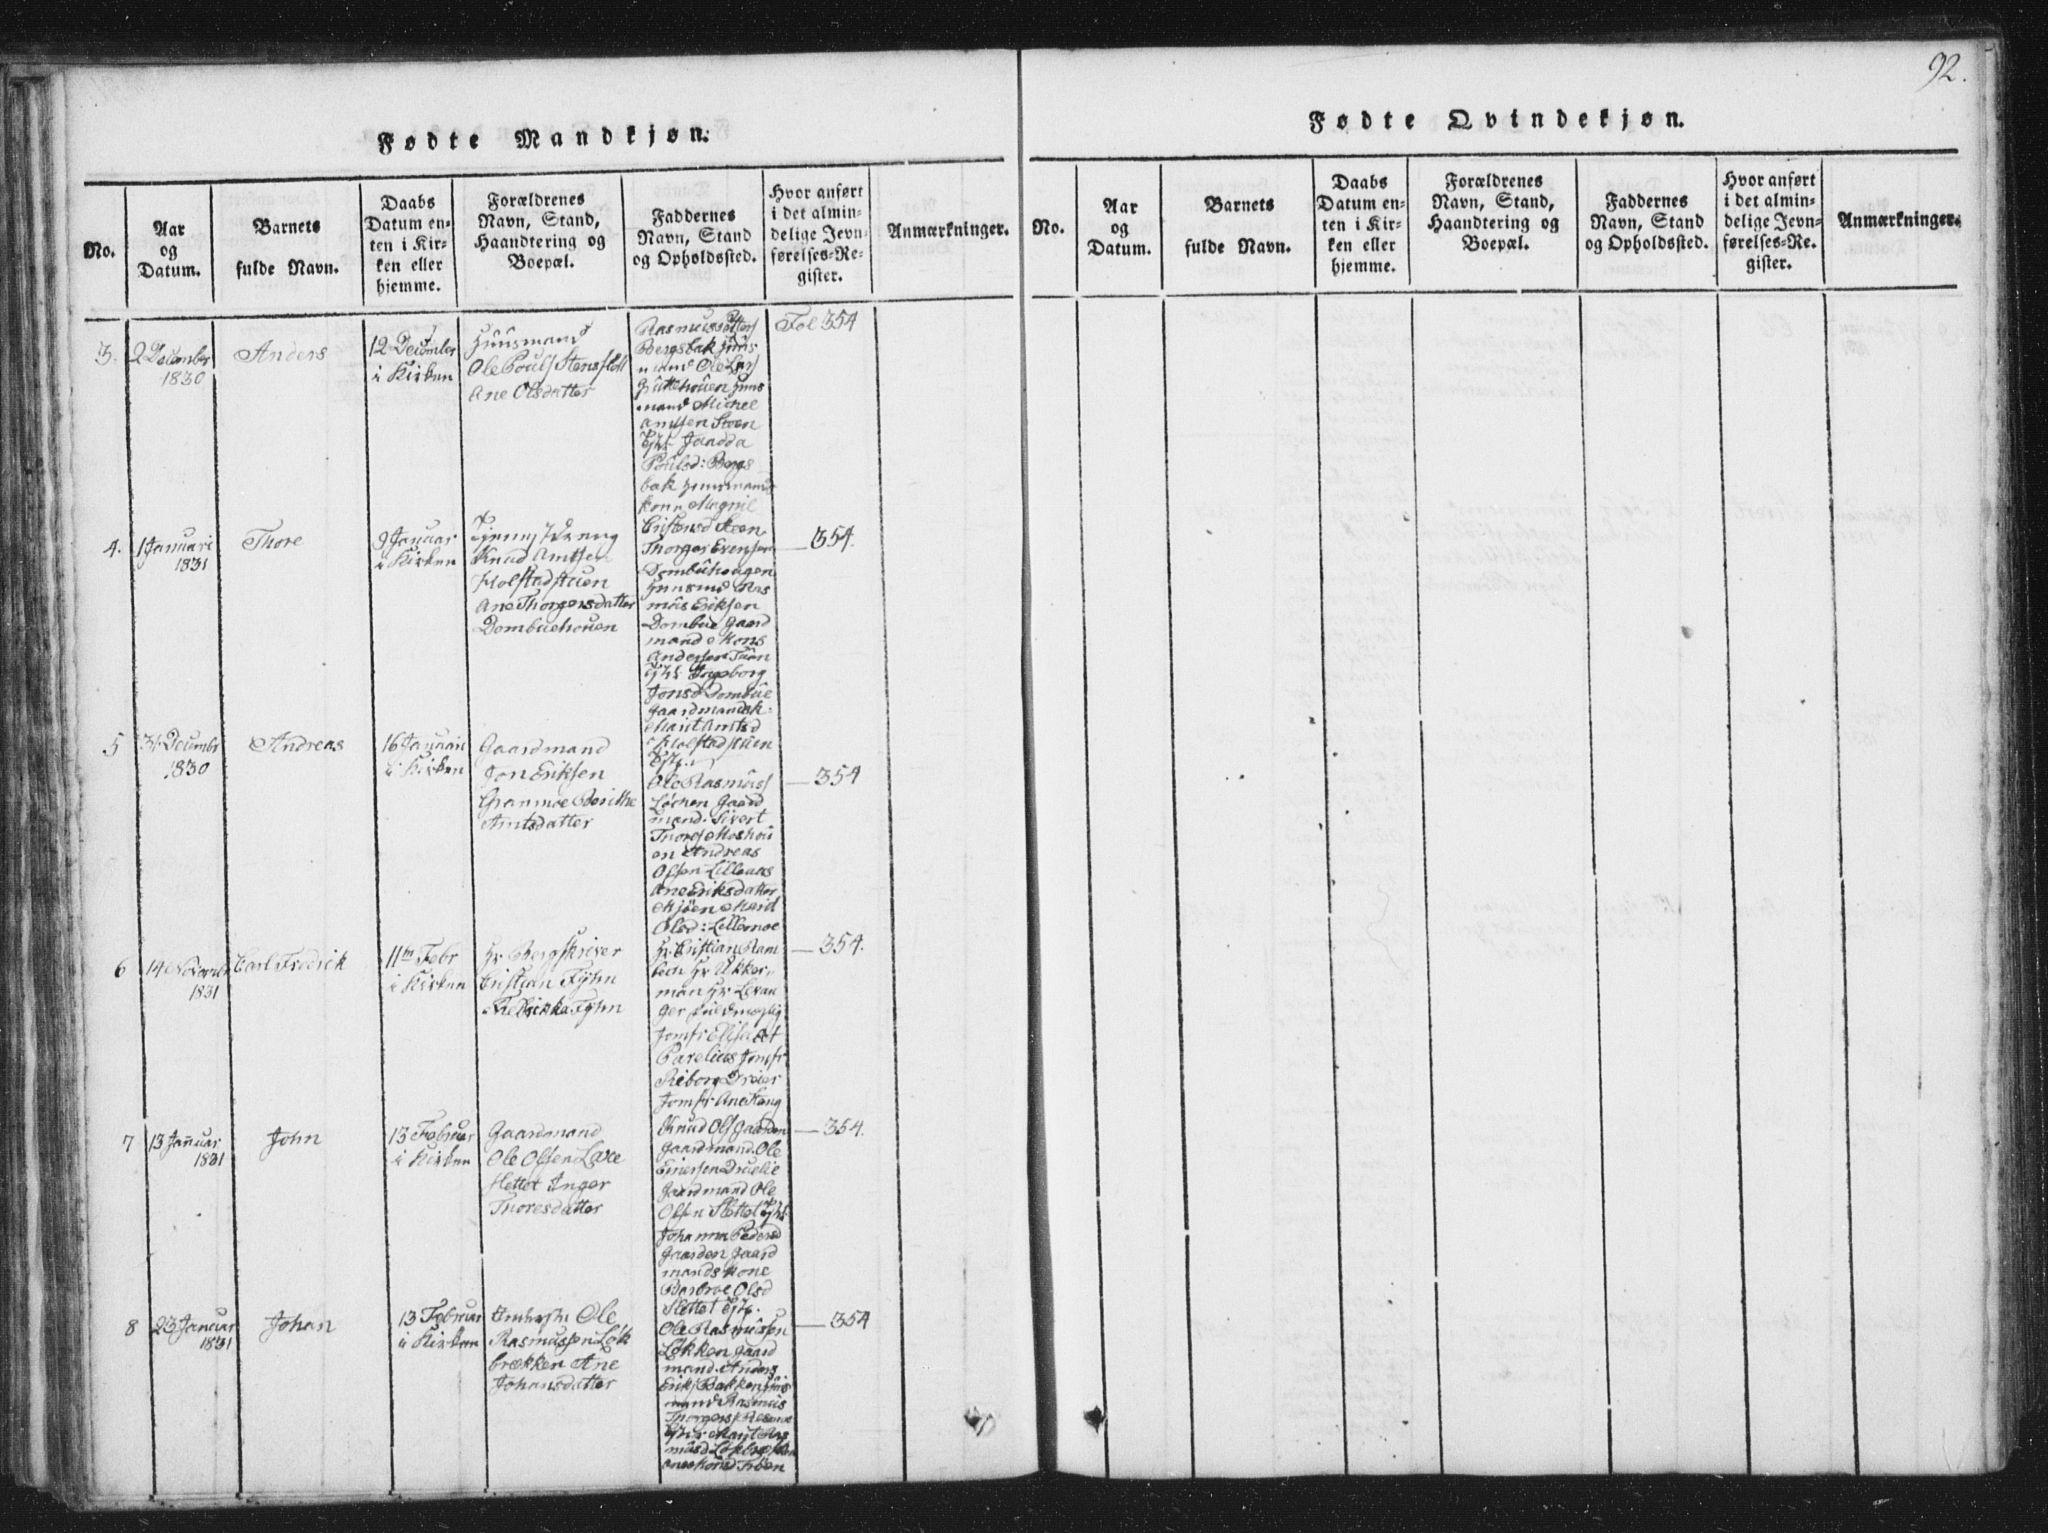 SAT, Ministerialprotokoller, klokkerbøker og fødselsregistre - Sør-Trøndelag, 672/L0862: Klokkerbok nr. 672C01, 1816-1831, s. 92